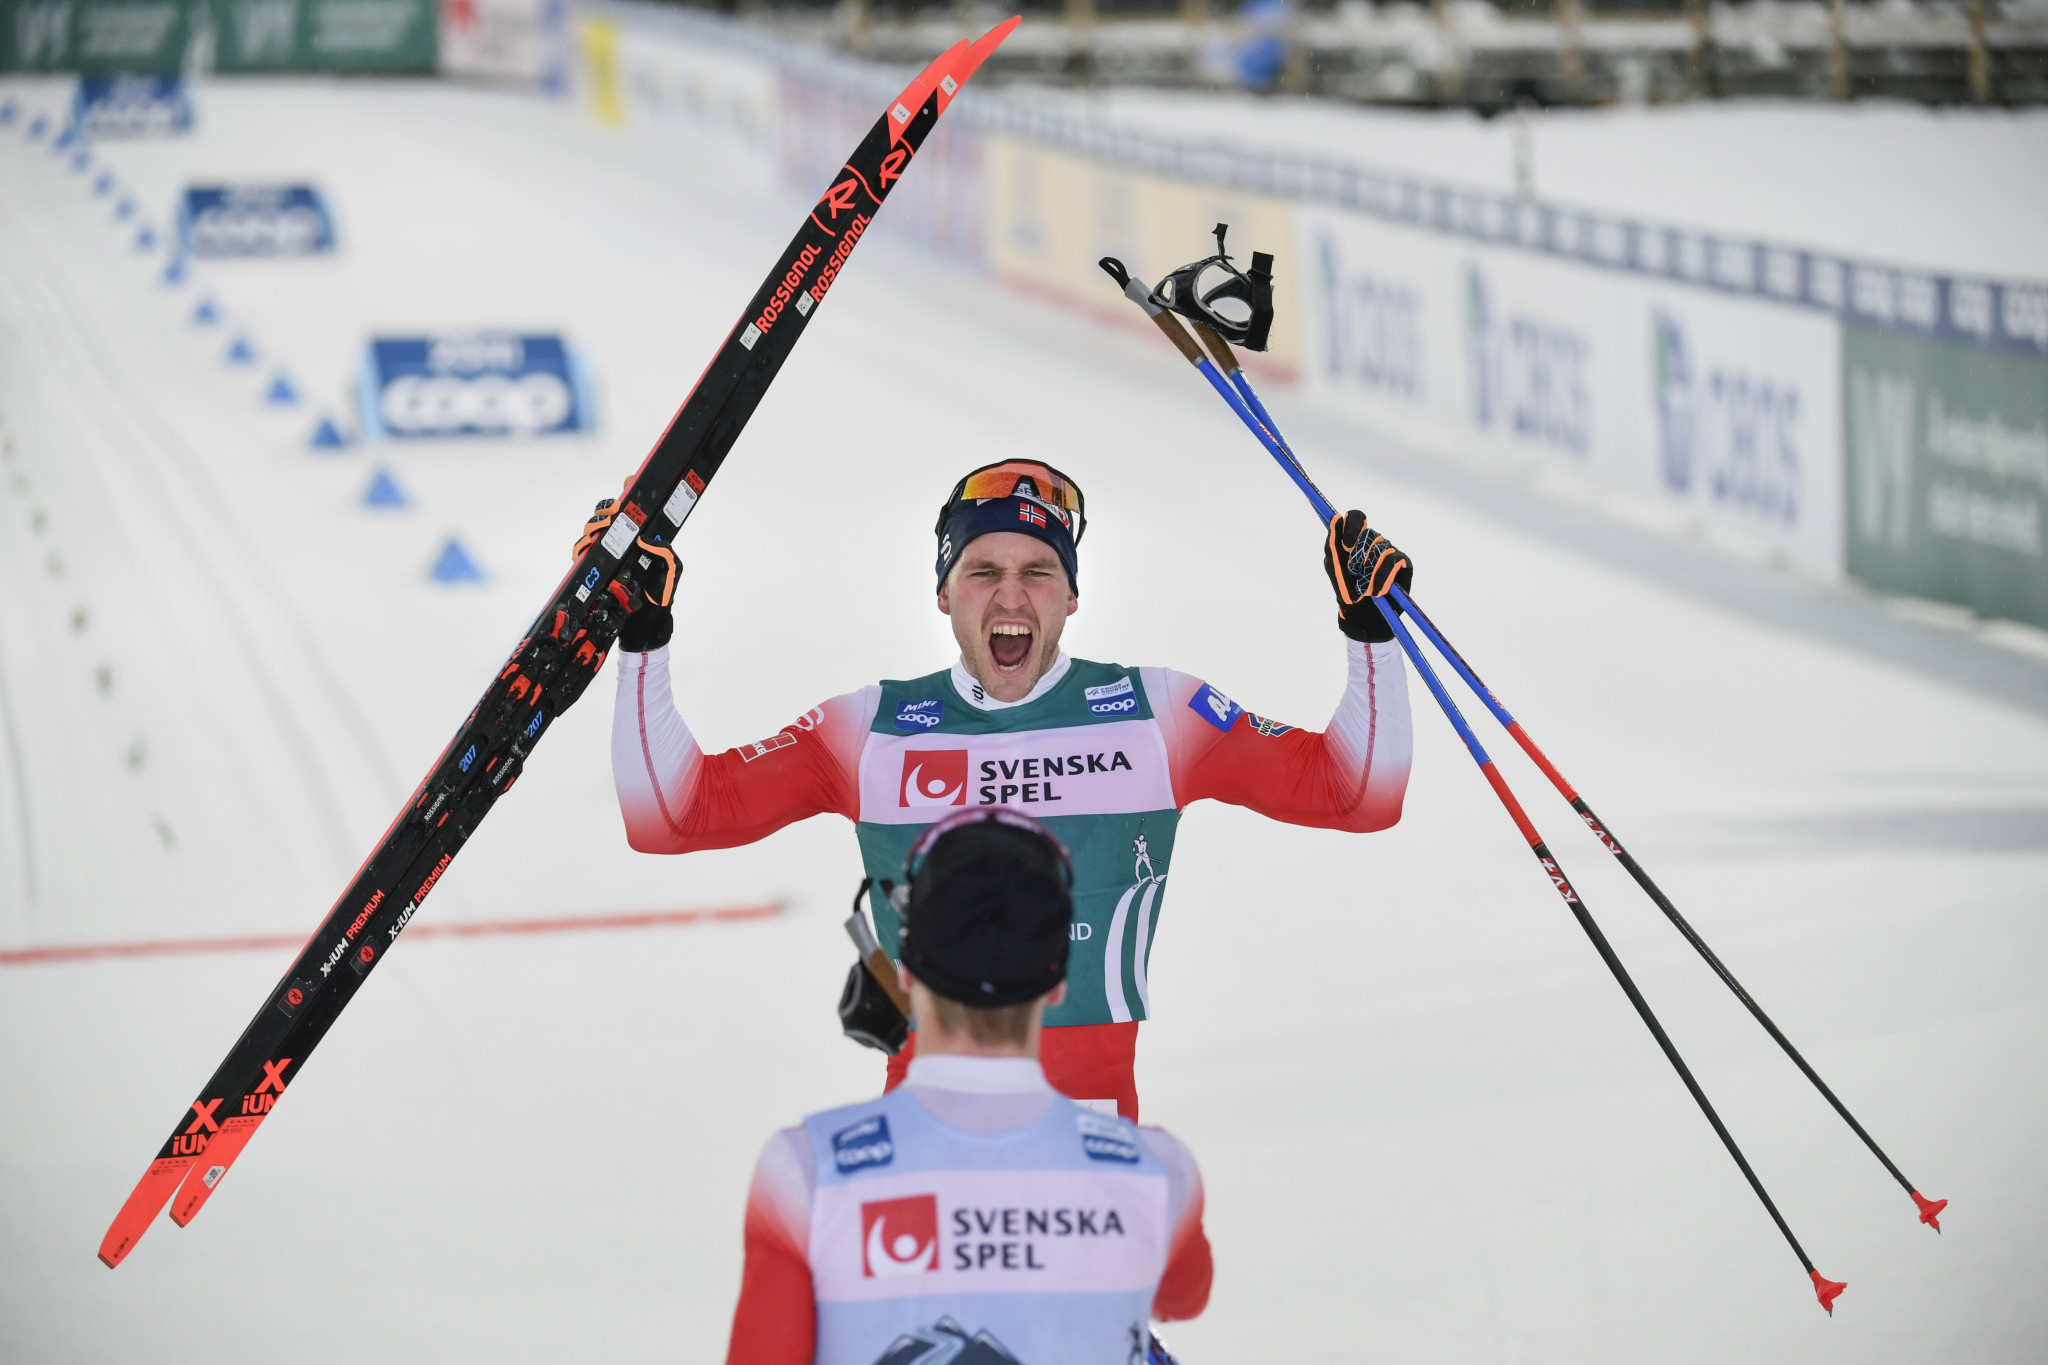 Pål Golberg won the men's Ski Tour title ©Getty Images